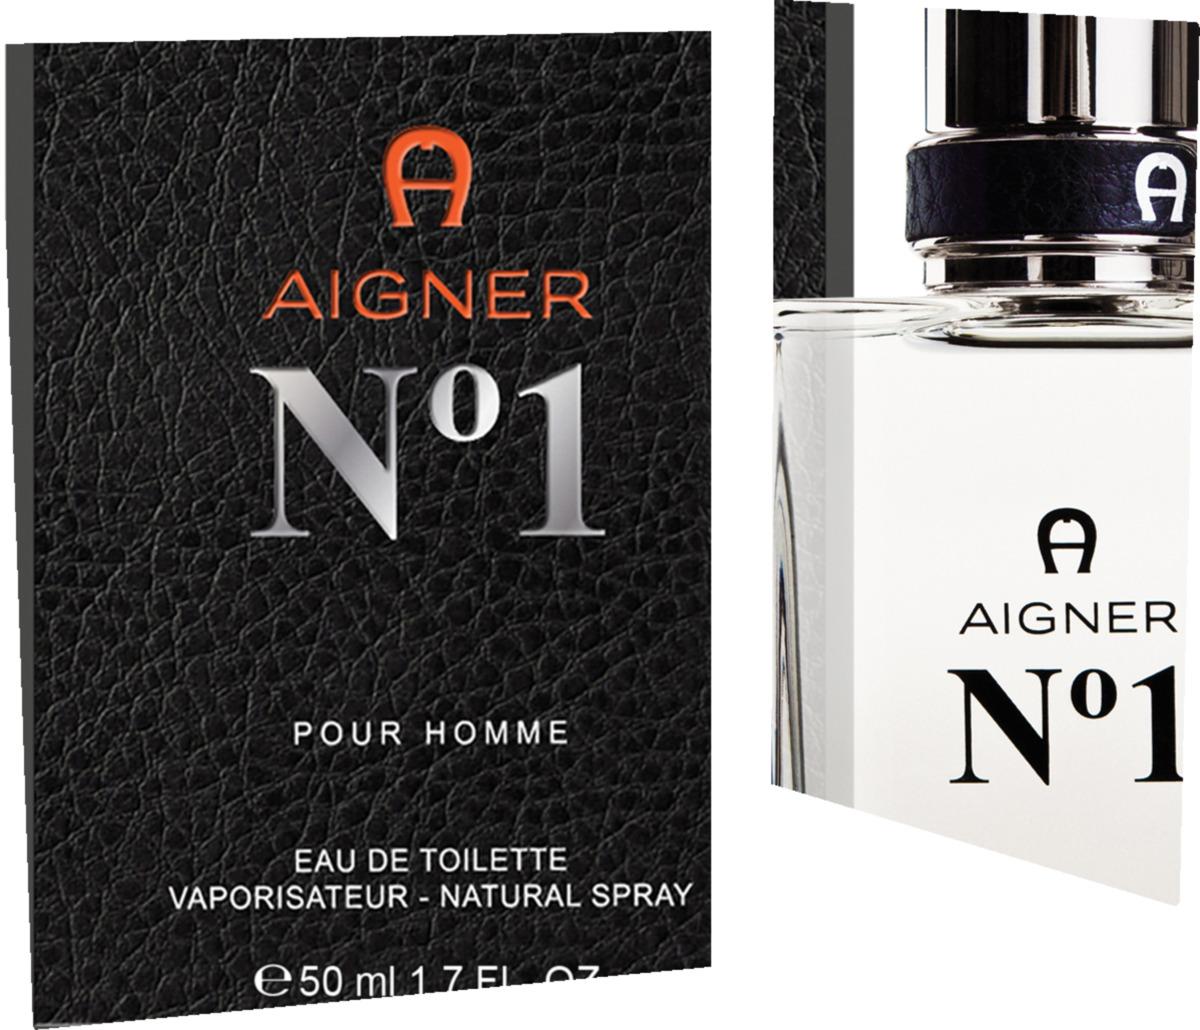 Bild 2 von Aigner N°1 Pour Homme, EdT 50 ml